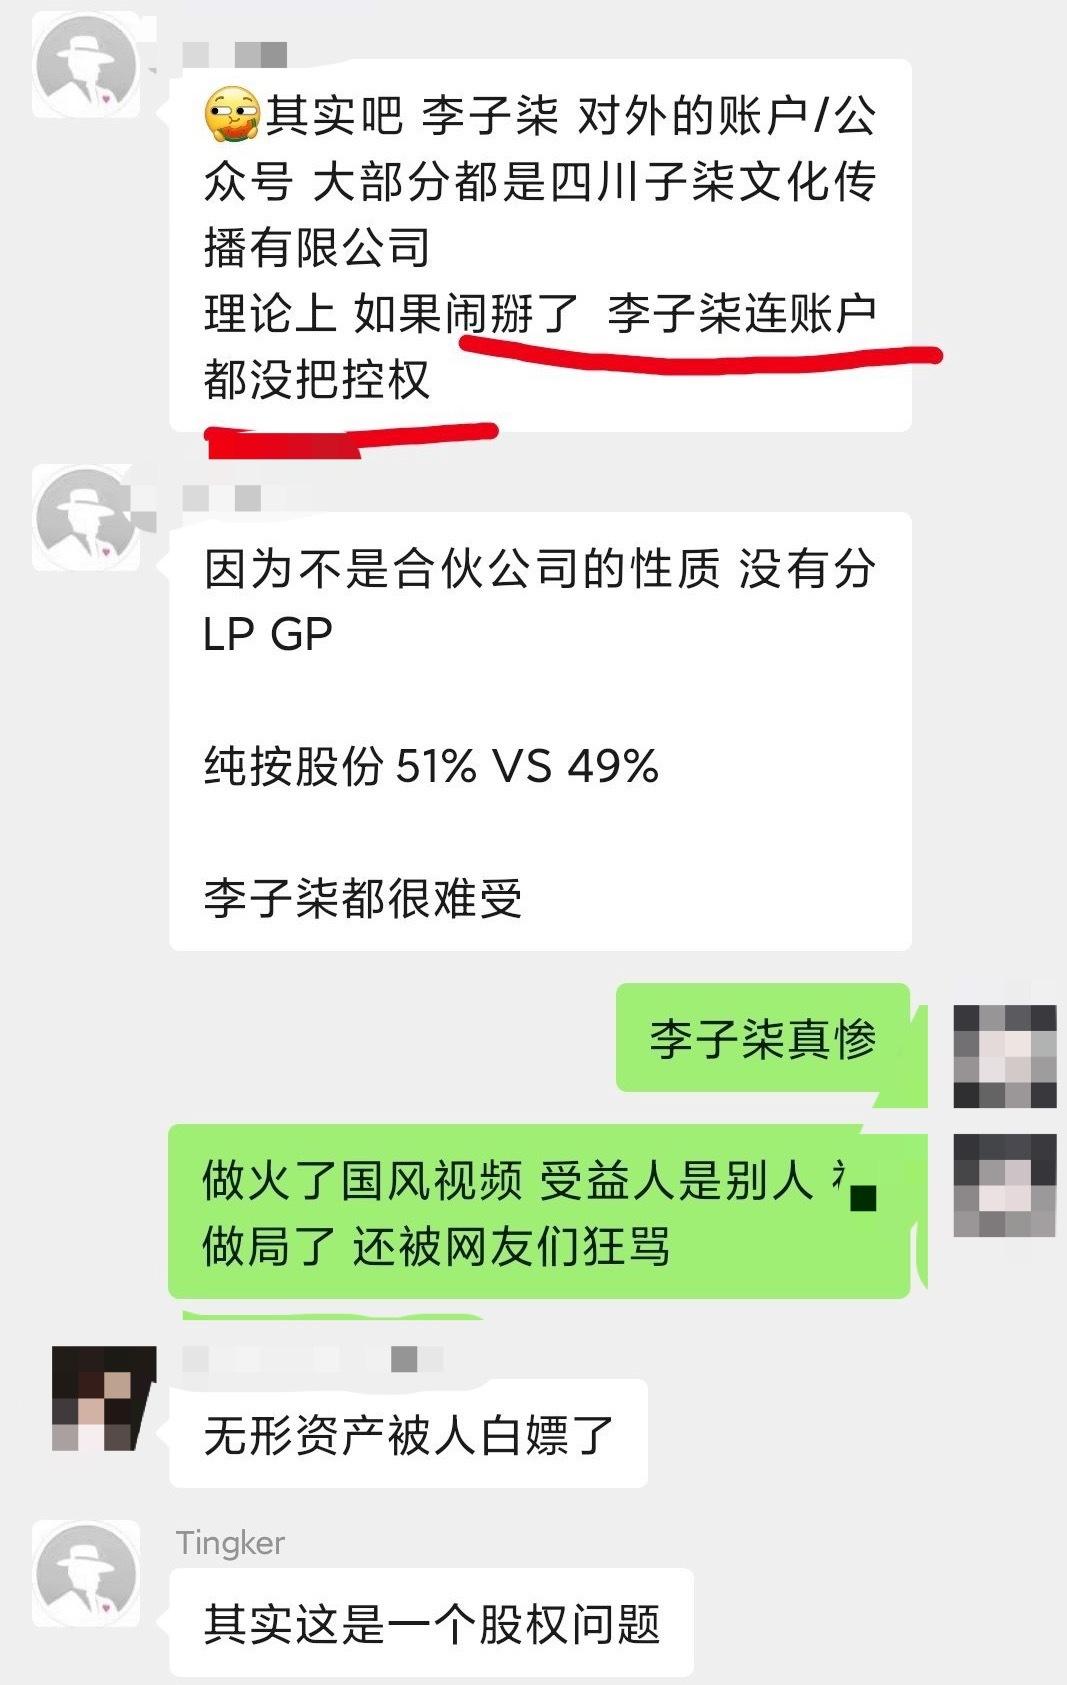 """(图:网传""""李子柒与杭州微念股权纠纷""""聊天截图。)"""